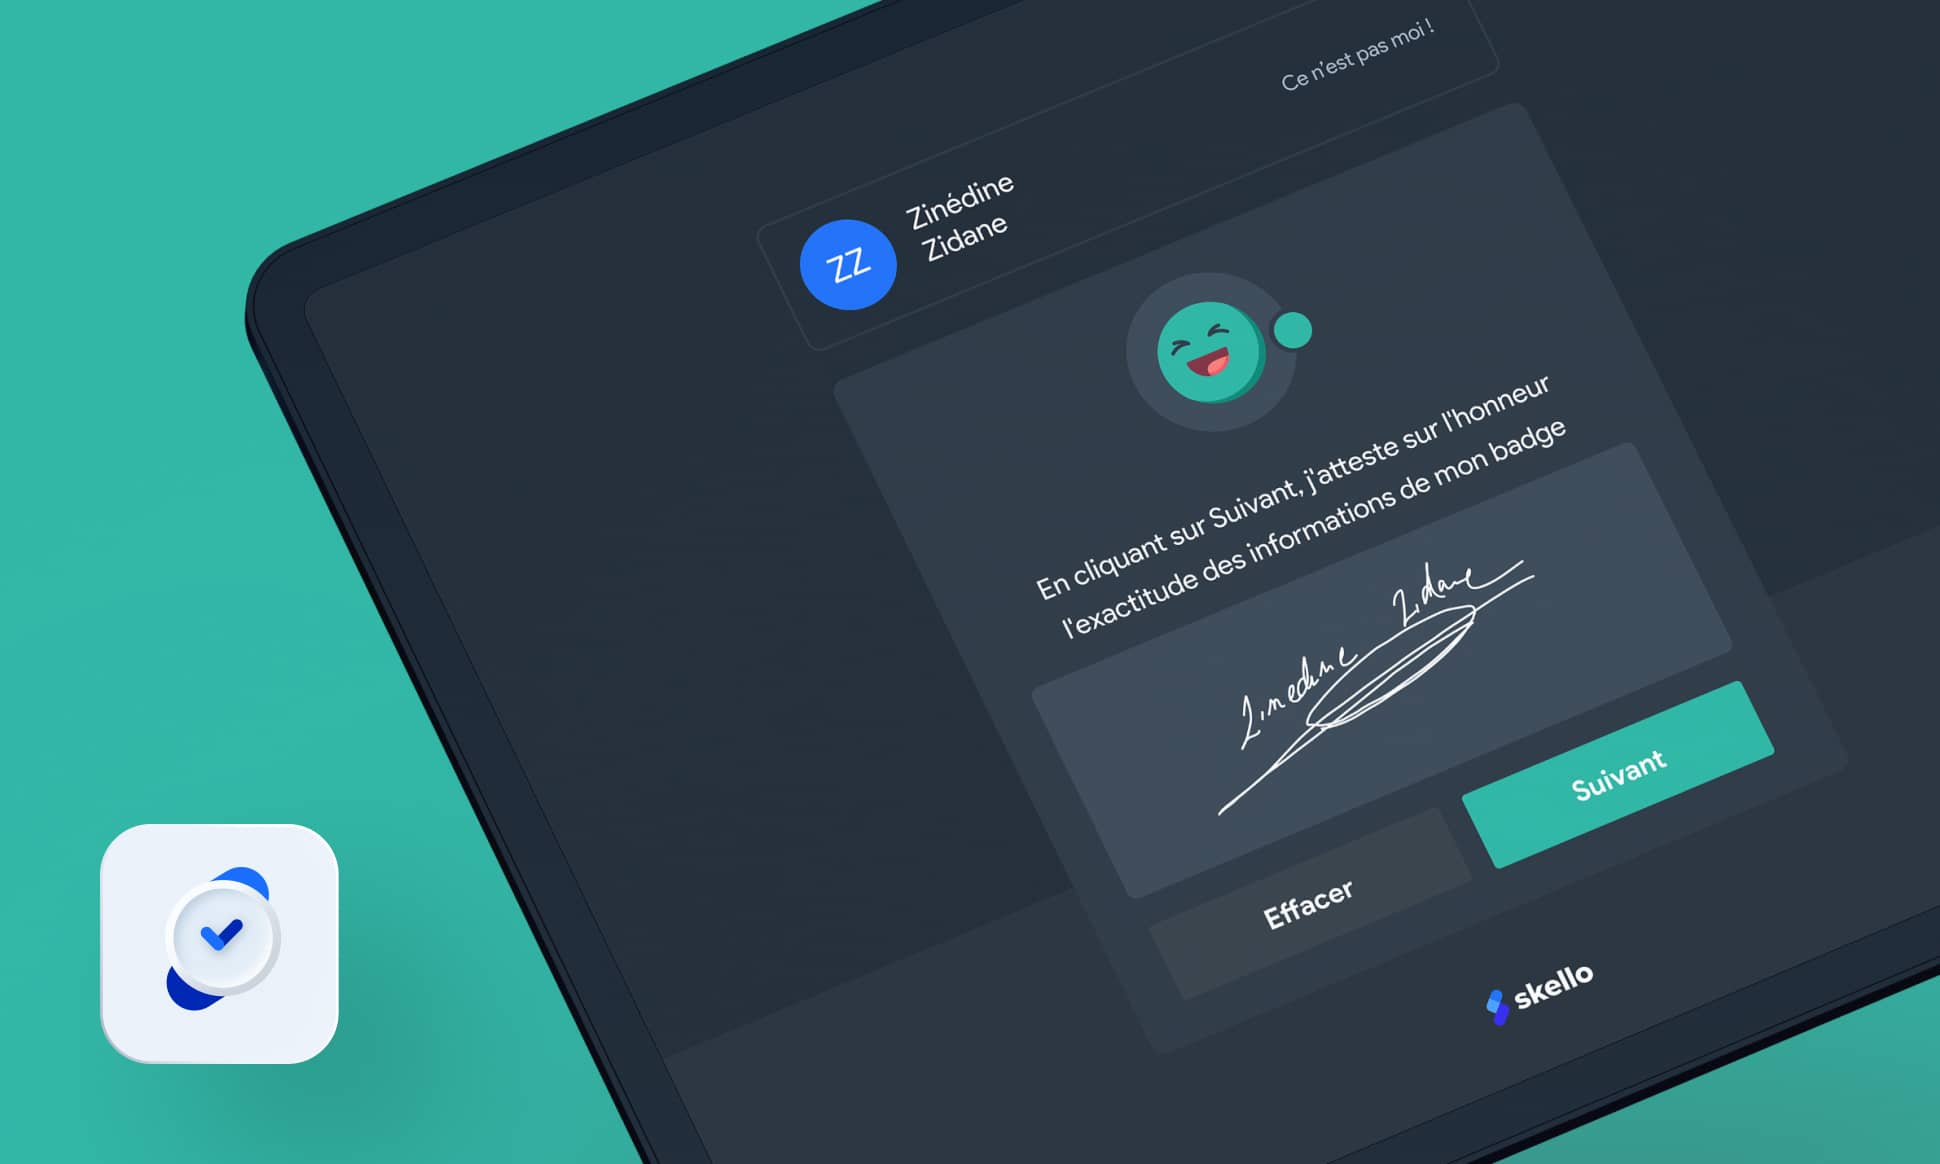 La signature sur Badgeuse : fiabilisez les données des heures travaillées !